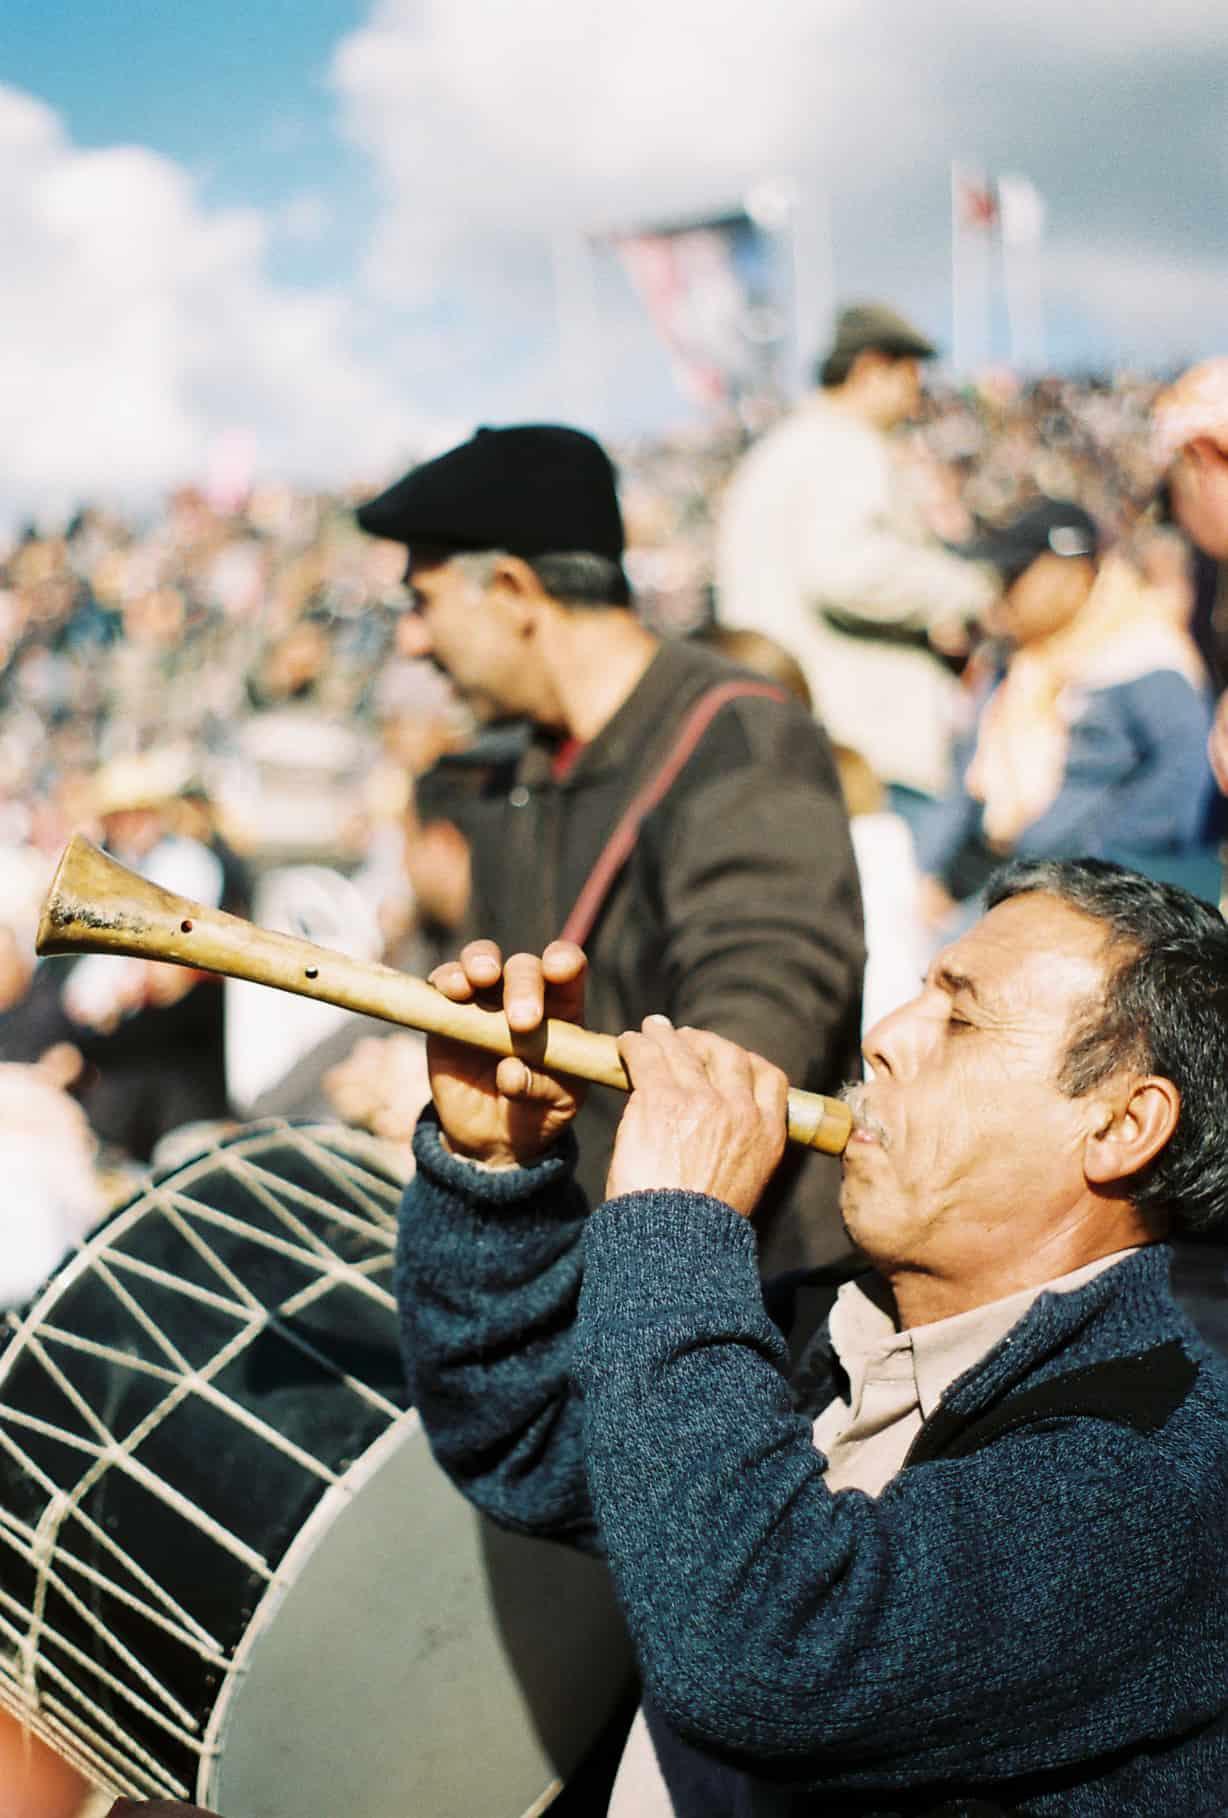 Musicians in Sunshine (camel wrestling festival)